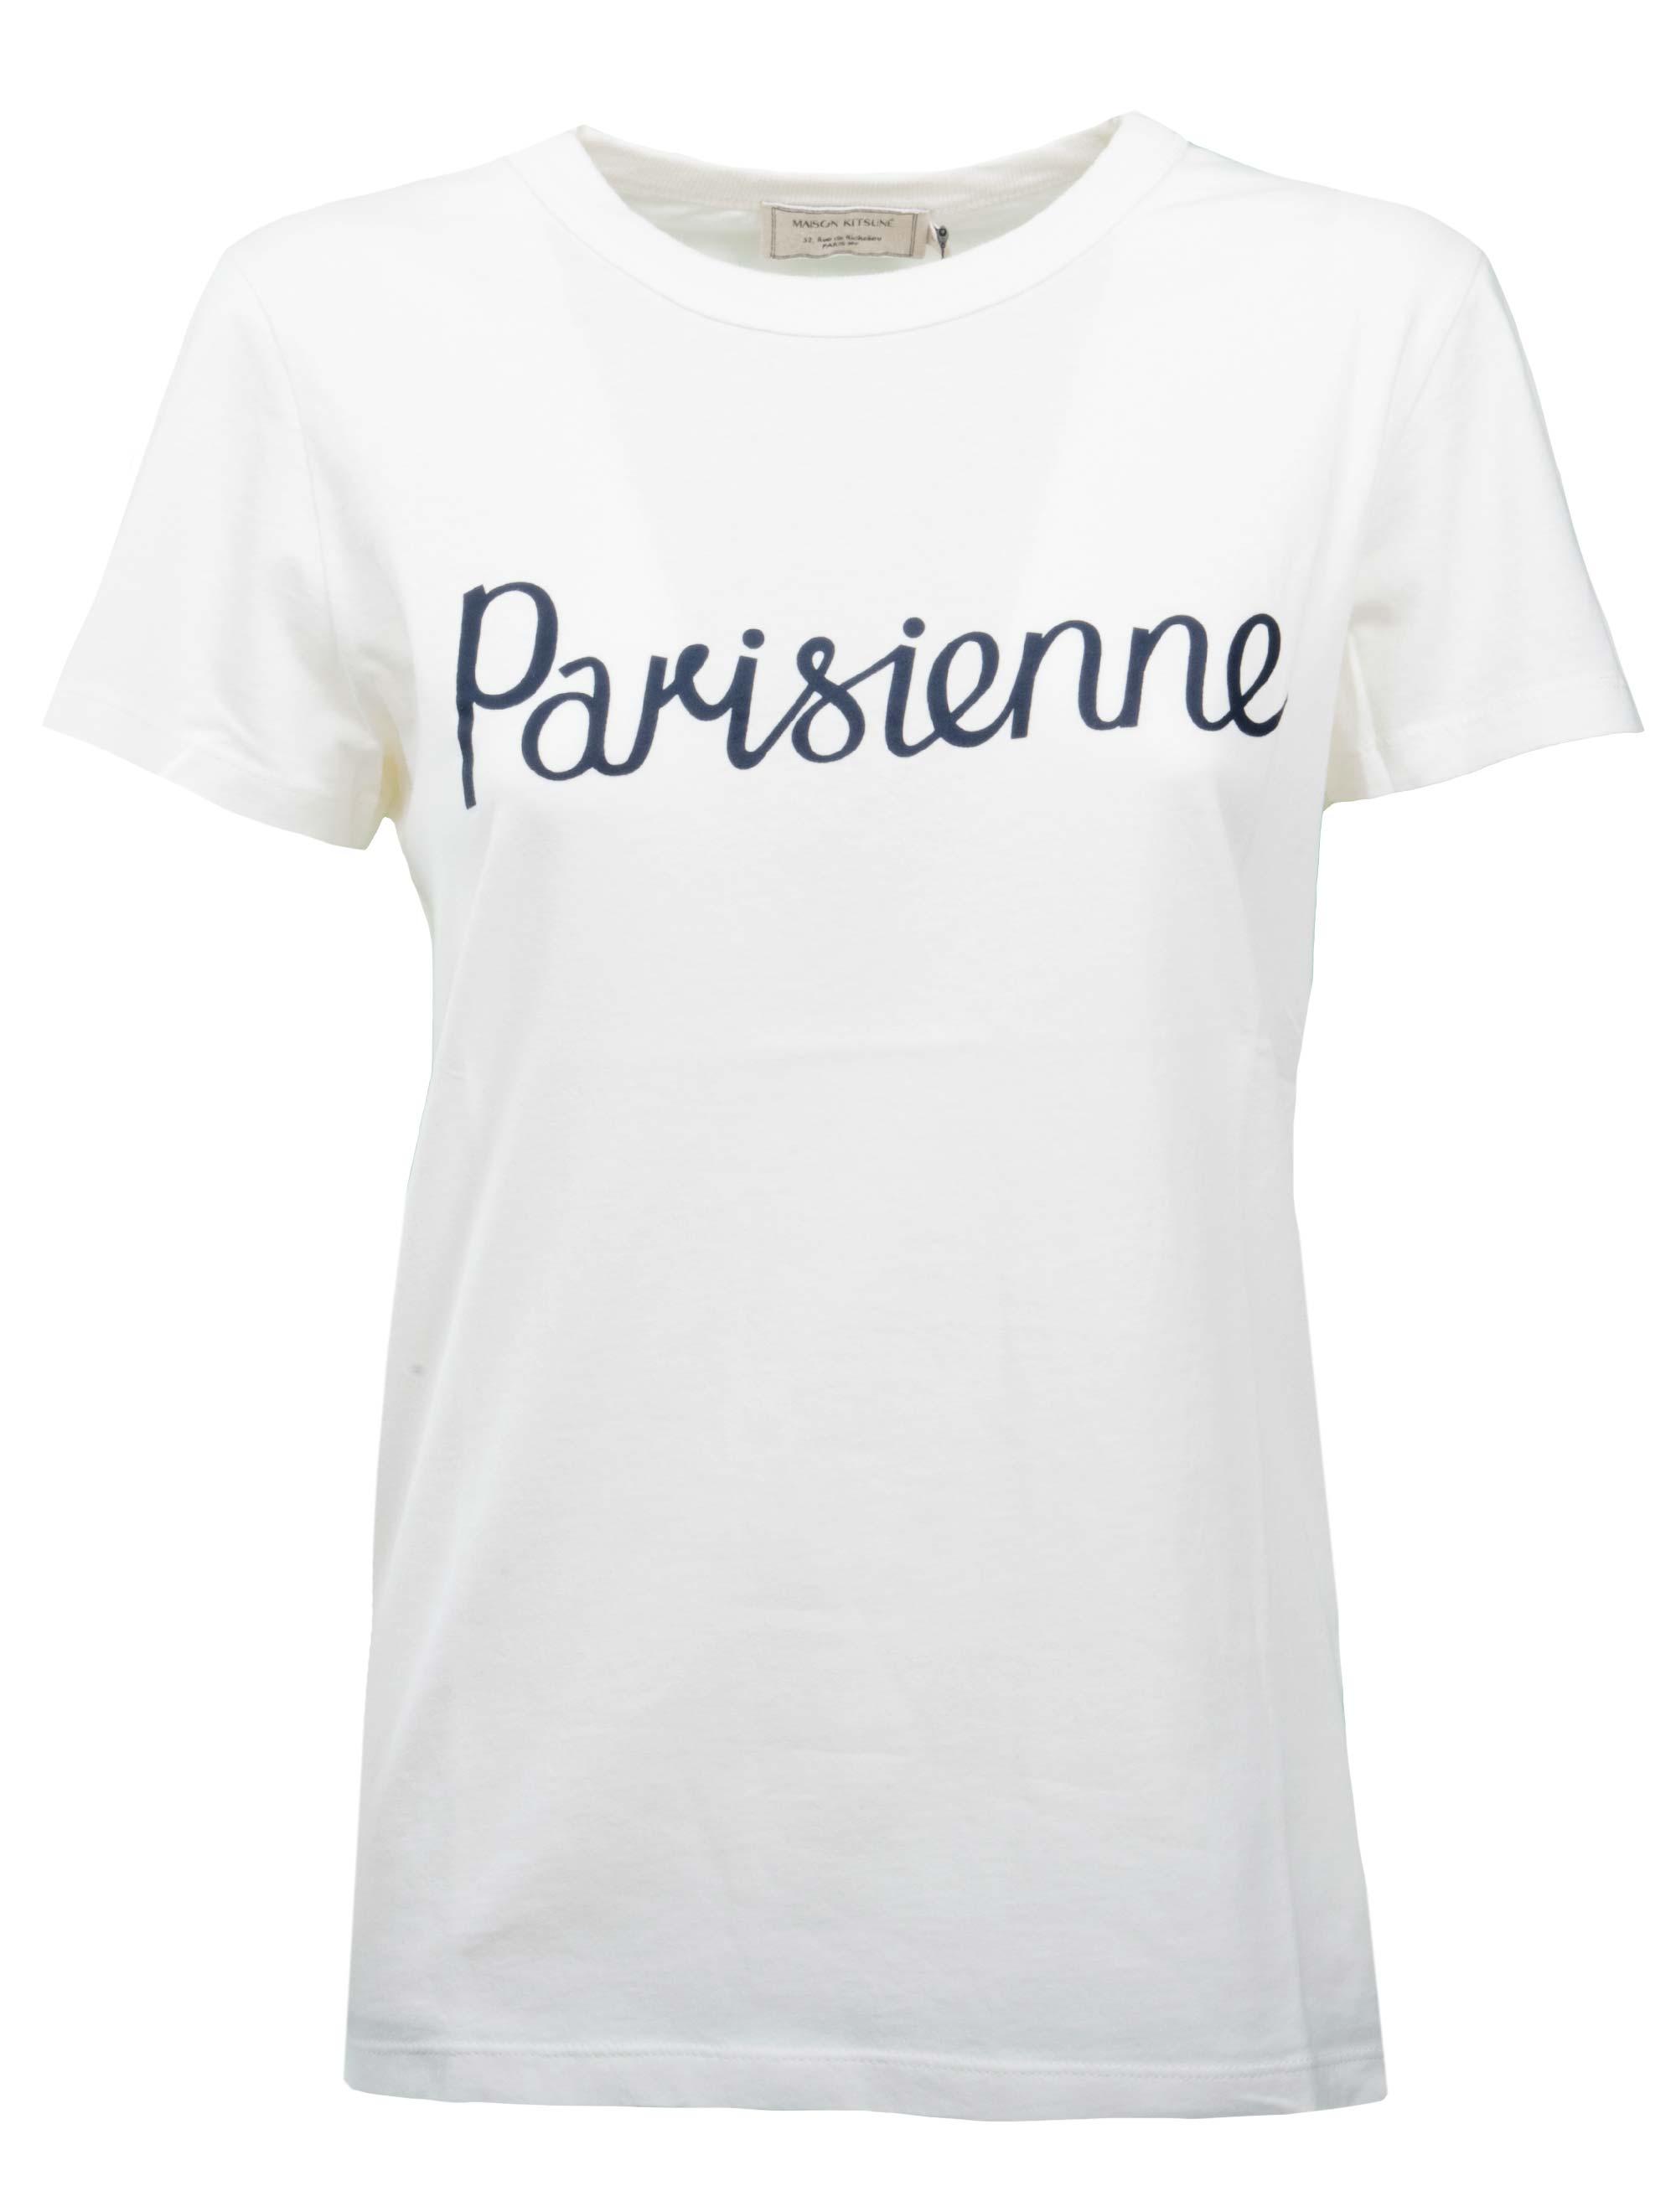 Kitsunè Parisienne T-shirt